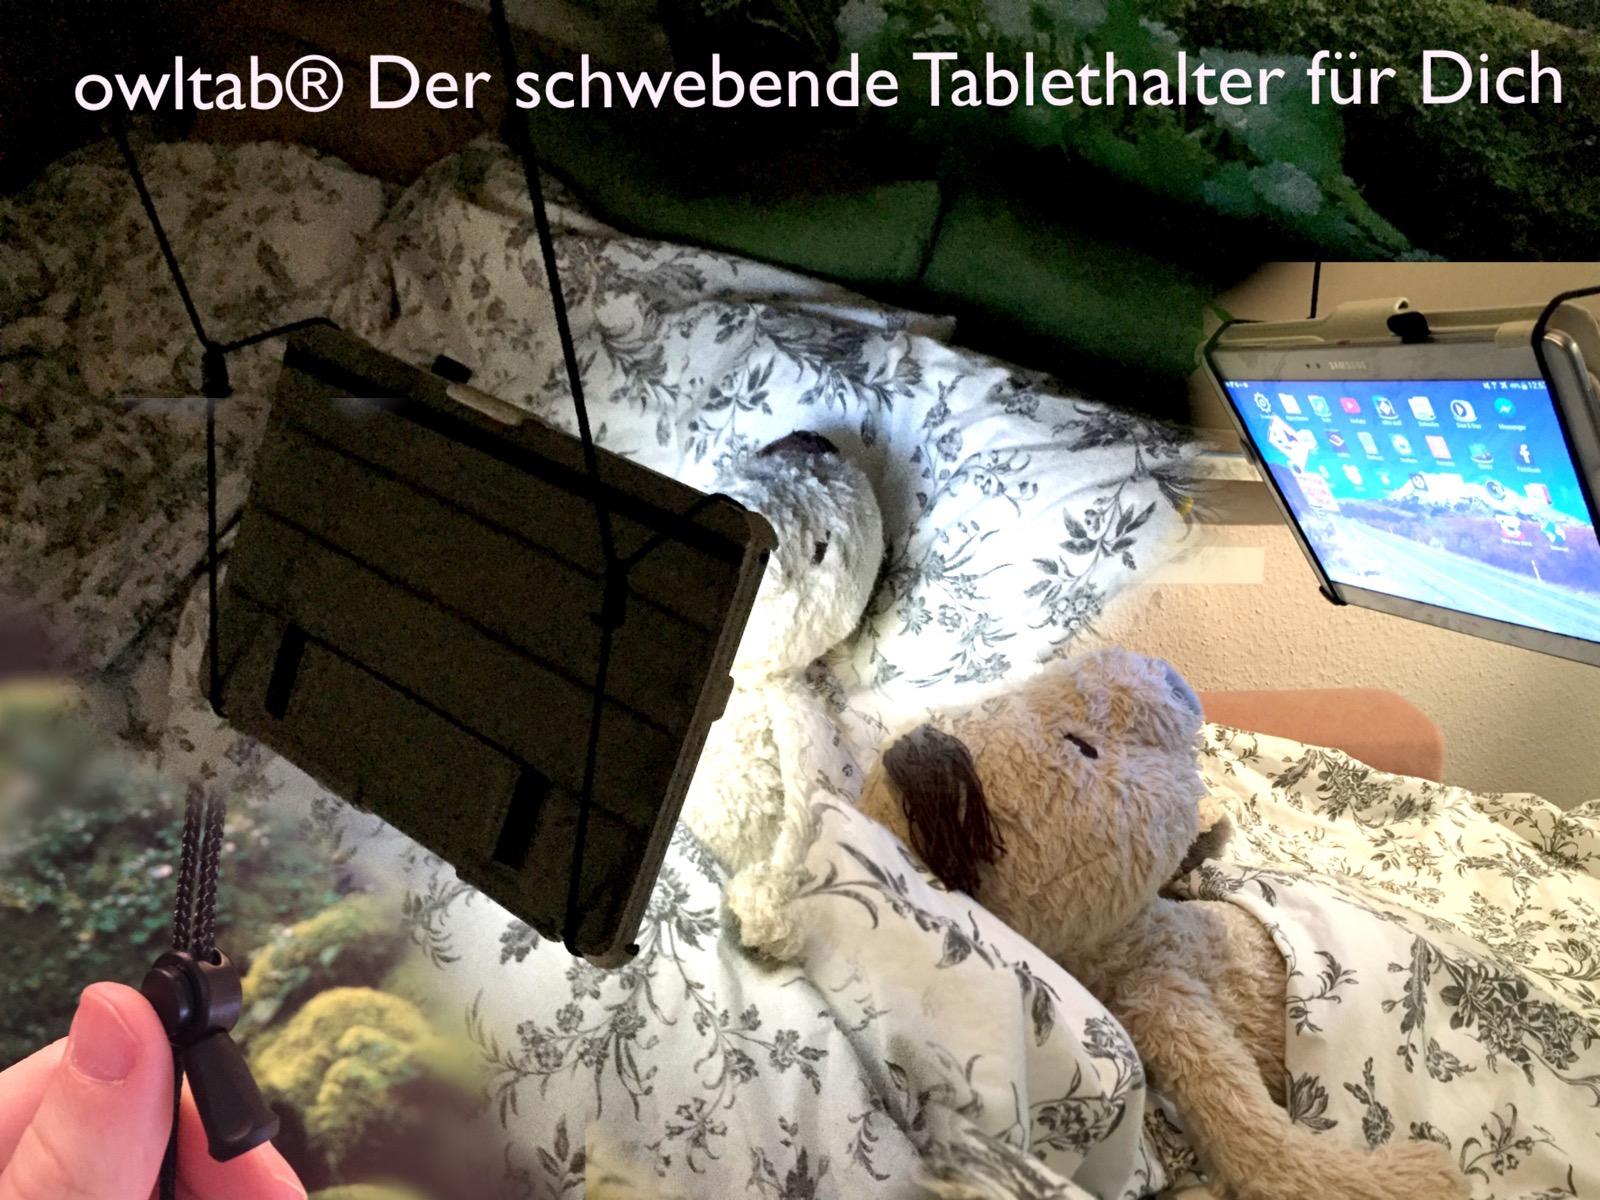 Die owltab Tablethalterung ist günstig und einfach in der Installation und Handhabung.